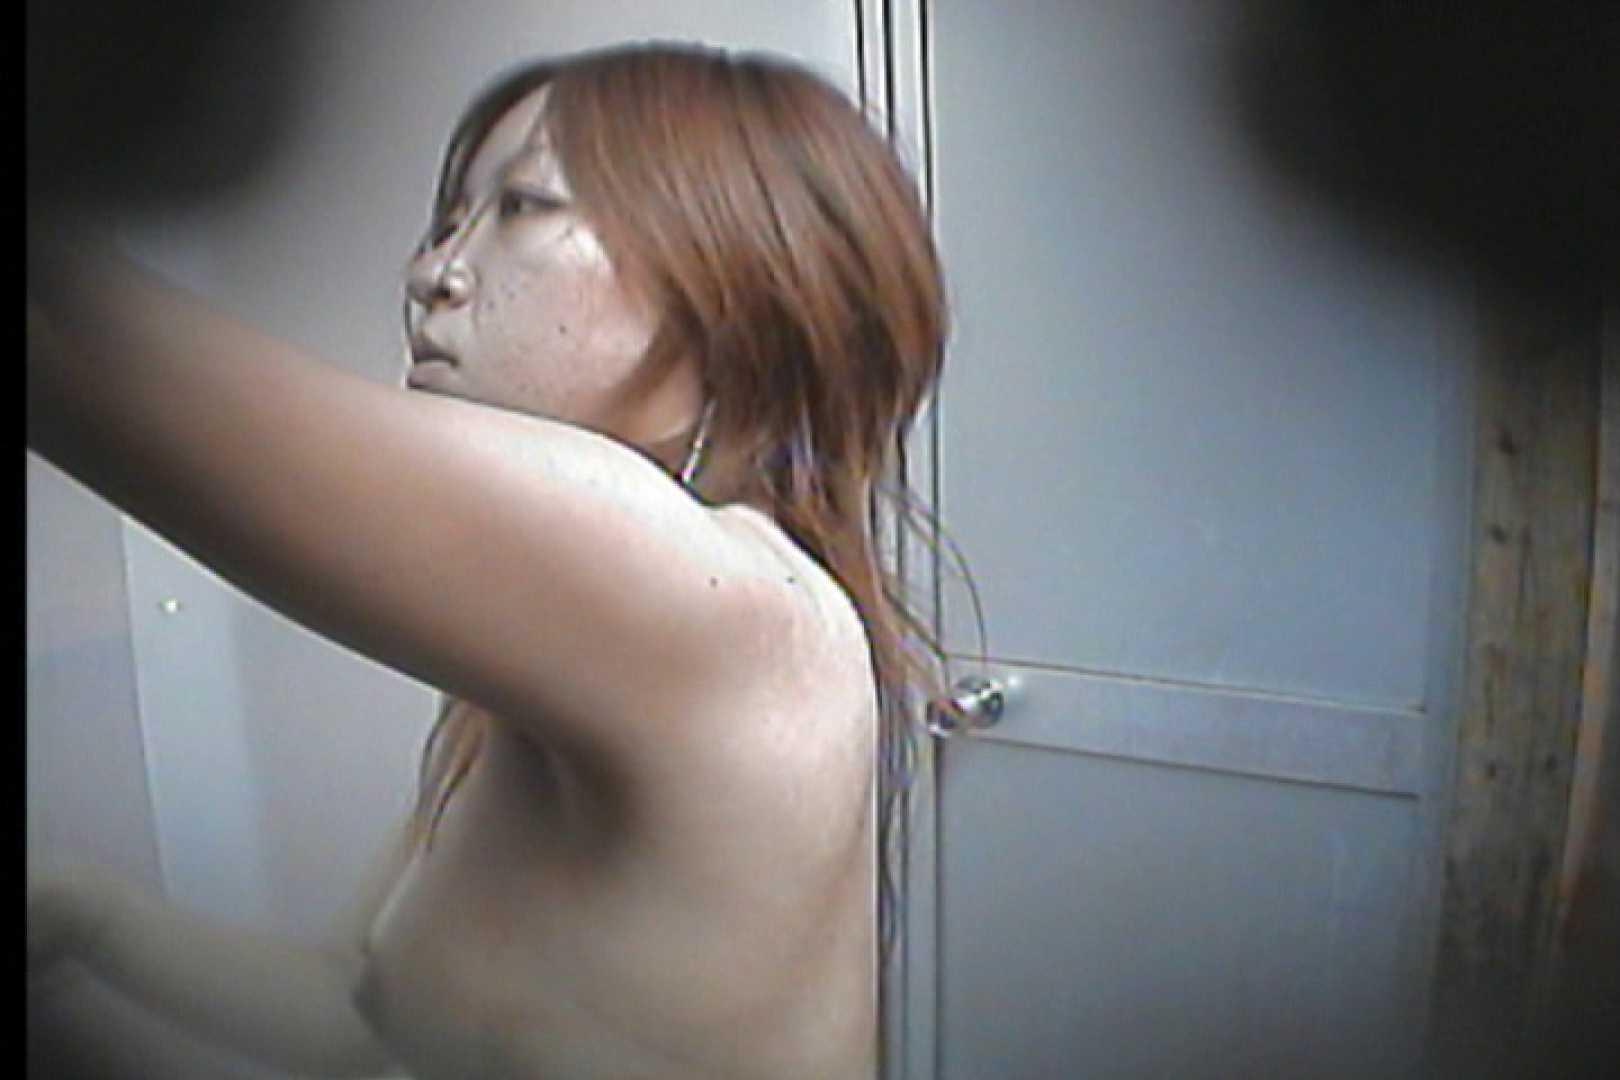 海の家の更衣室 Vol.16 シャワー室 AV動画キャプチャ 105枚 61